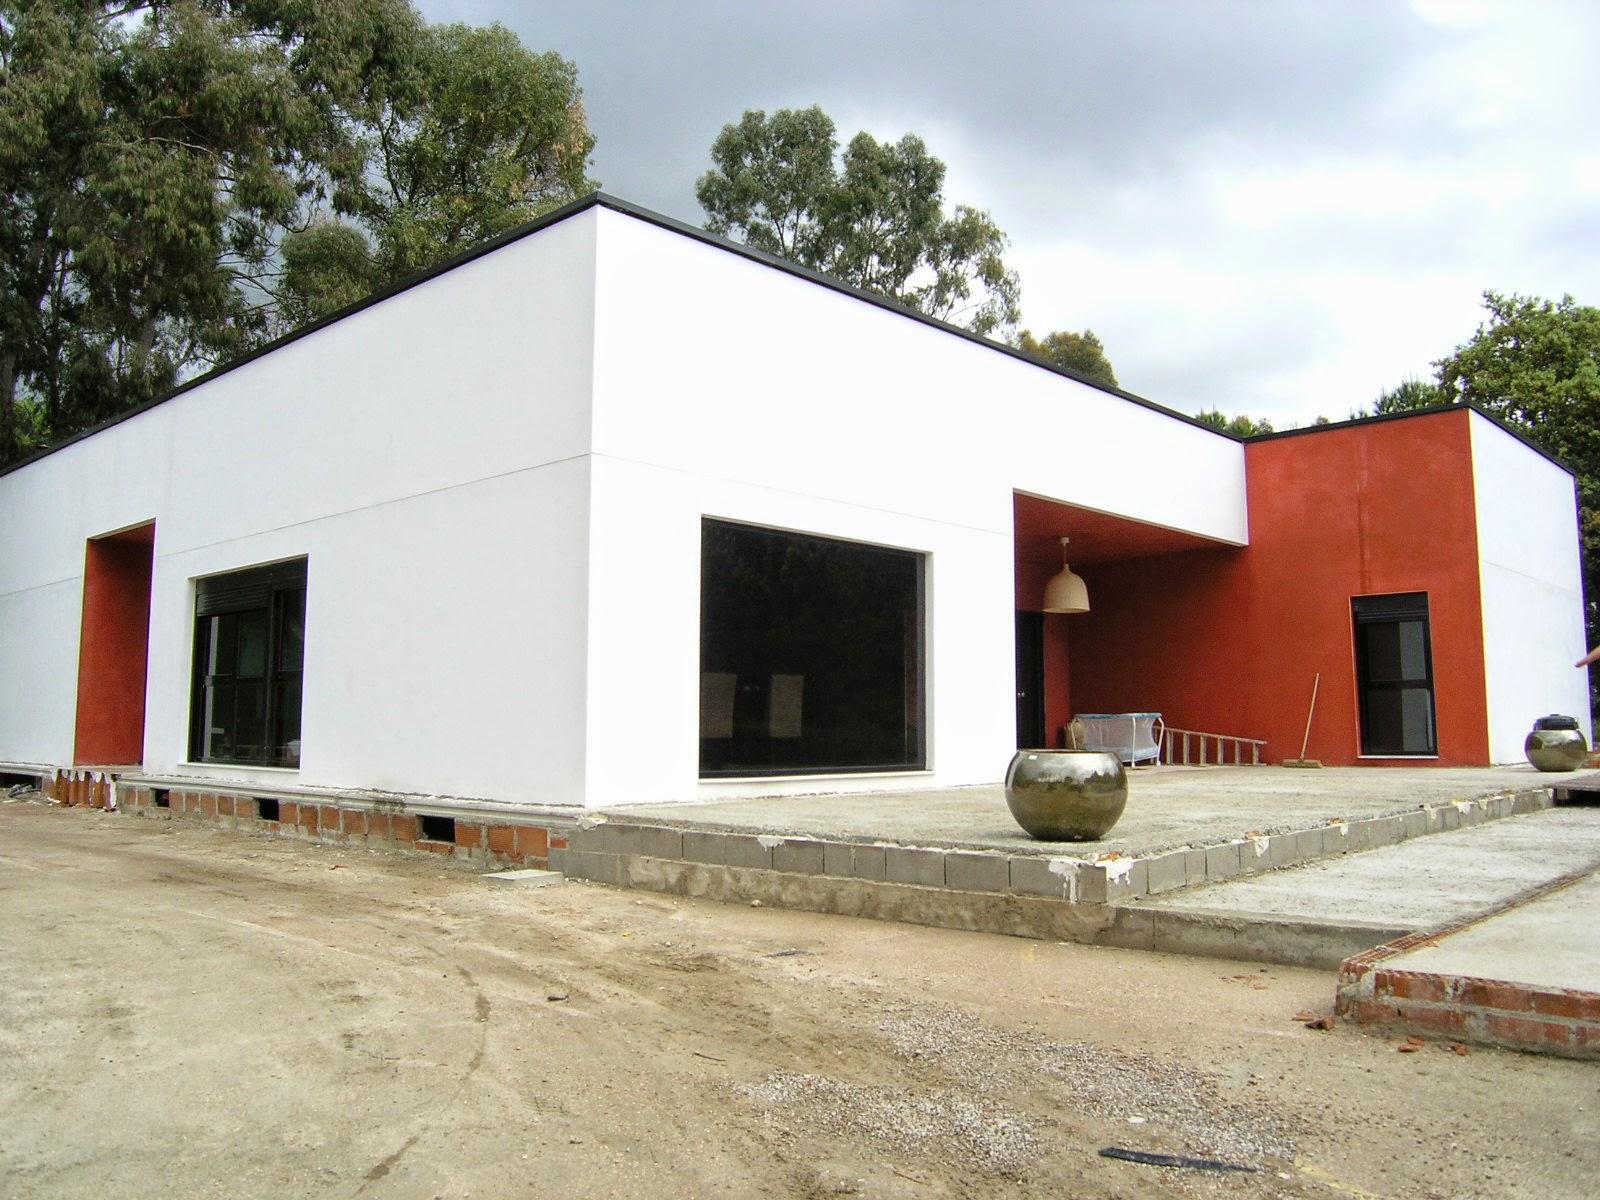 Acerormigon qcasa madrid bienvenidos al blog de casas prefabricadas de acero y hormigon - Acero casas prefabricadas ...